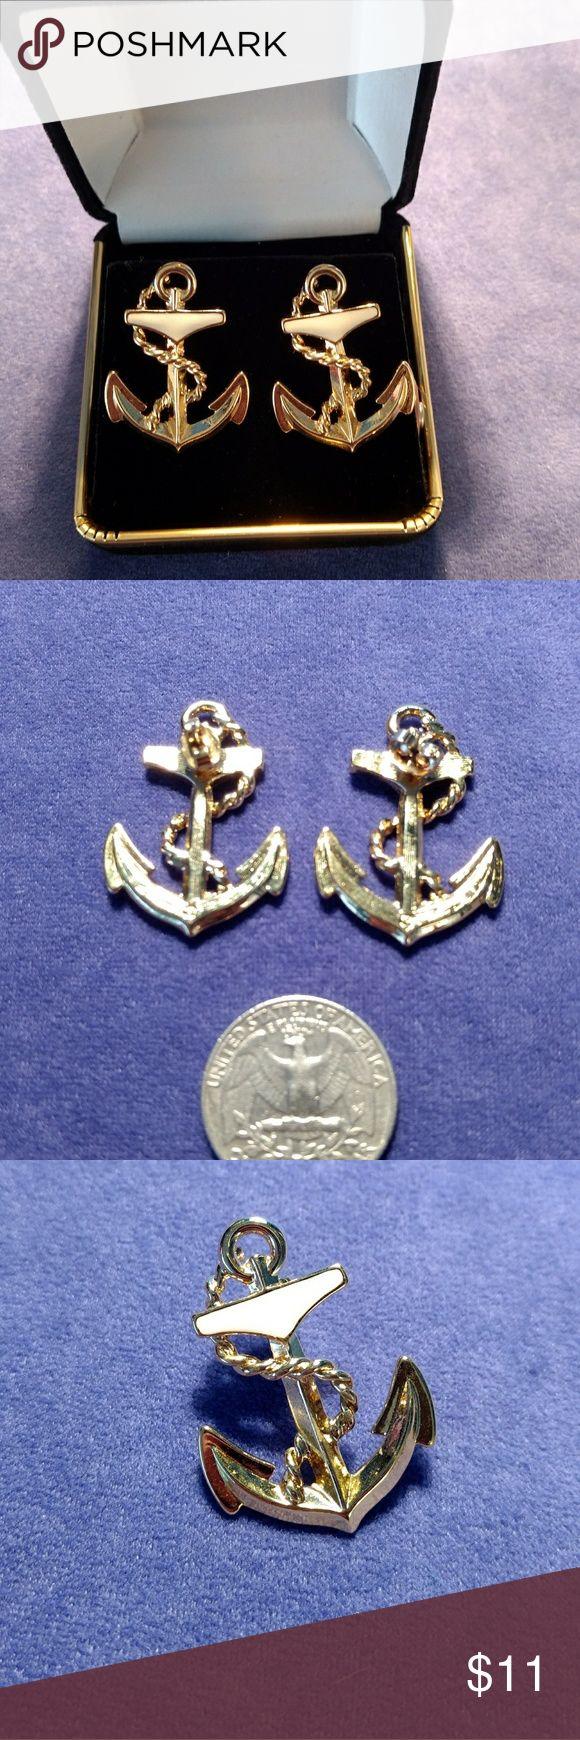 Sweet Nautical Themed, Anchor Earrings Sweet Nautical Themed, Anchor Earrings. Excellent Vintage Condition. Avon Jewelry Earrings